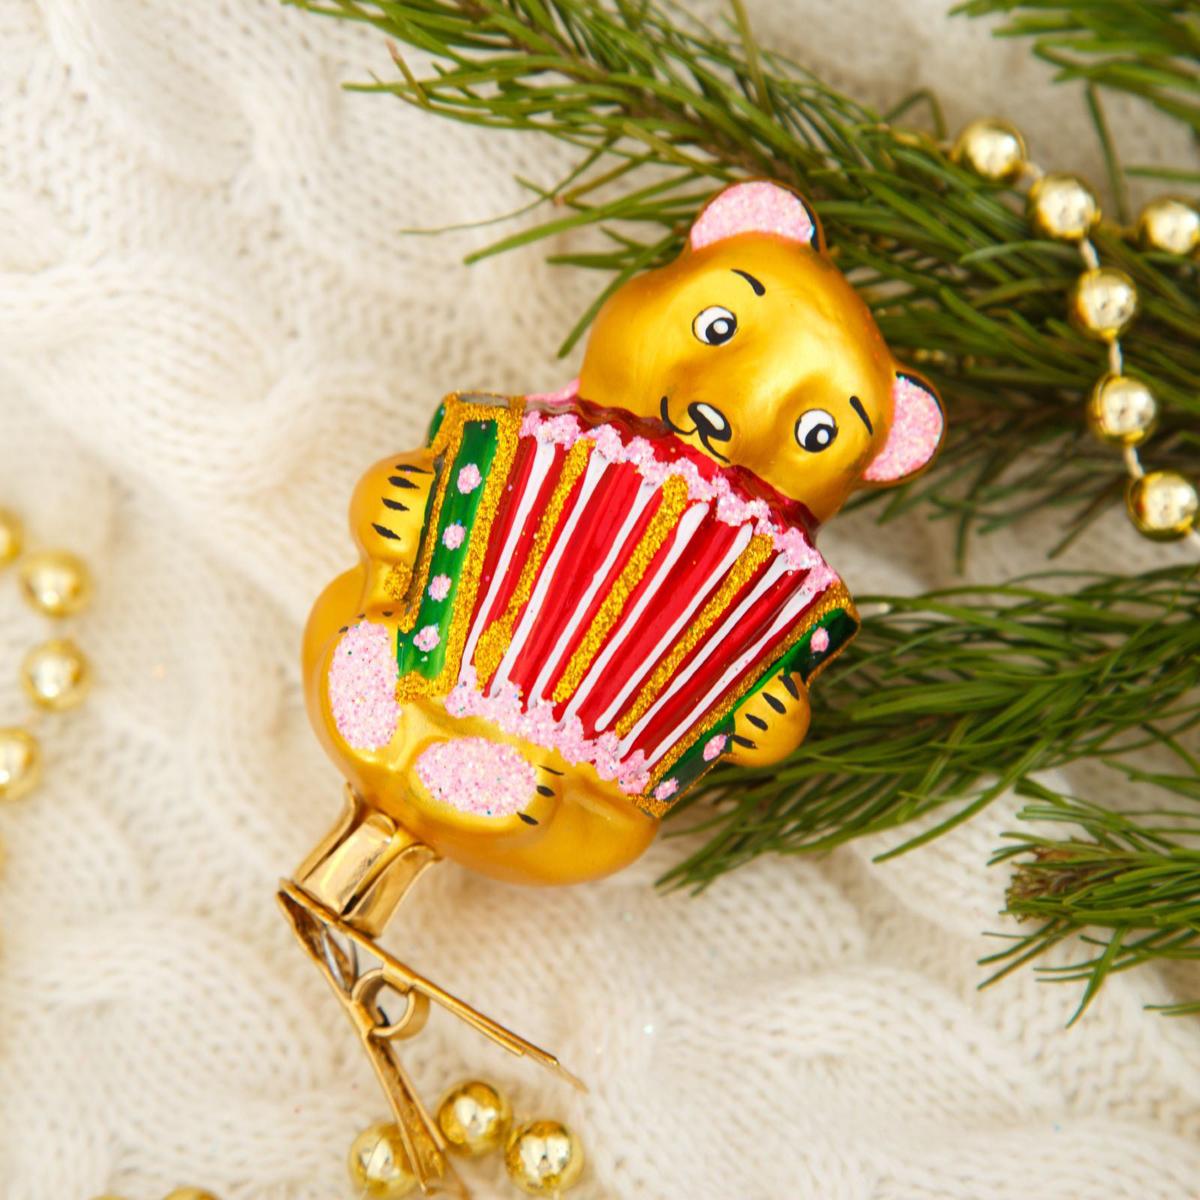 Новогоднее подвесное украшение Ёлочка Мишка с гармошкой, 6,5 х 6,5 х 11 см2564817Новогоднее подвесное украшение Ёлочка отлично подойдет для декорации вашего дома и новогодней ели. Новогоднее украшение можно повесить в любом понравившемся вам месте. Но, конечно, удачнее всего оно будет смотреться на праздничной елке.Елочная игрушка - символ Нового года. Она несет в себе волшебство и красоту праздника. Такое украшение создаст в вашем доме атмосферу праздника, веселья и радости.